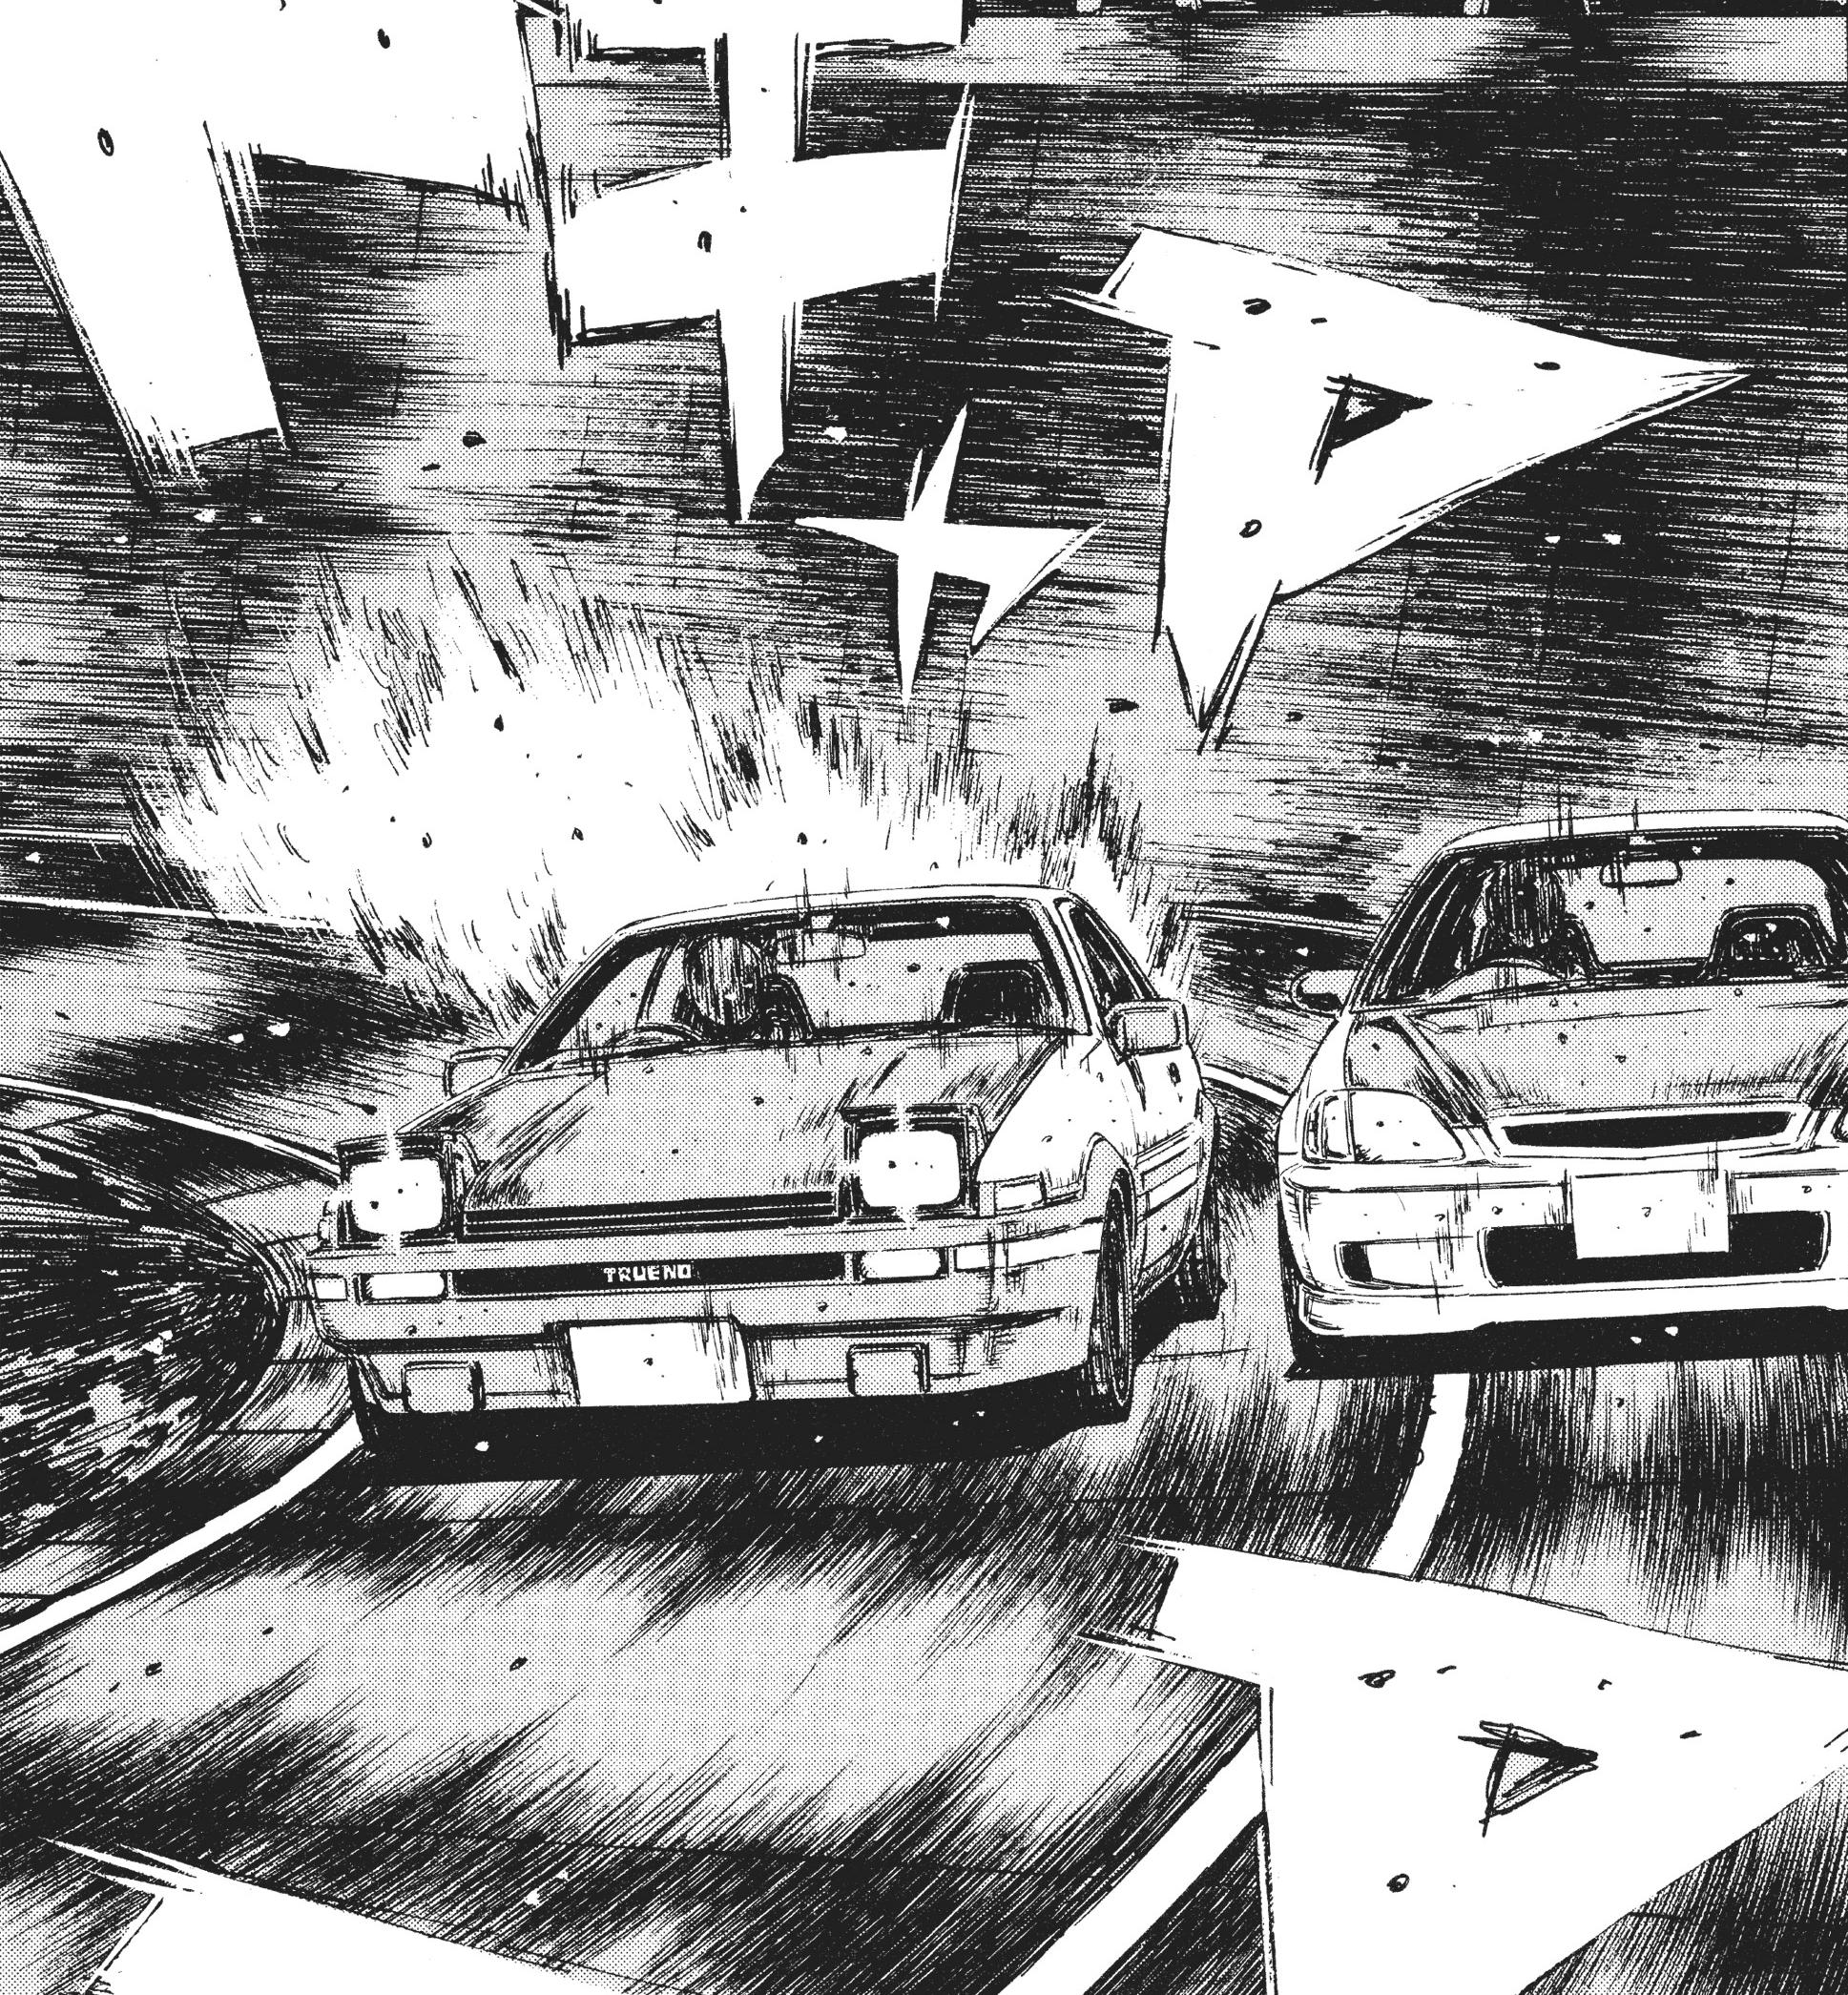 Takumi Fujiwara vs Tomoyuki Tachi